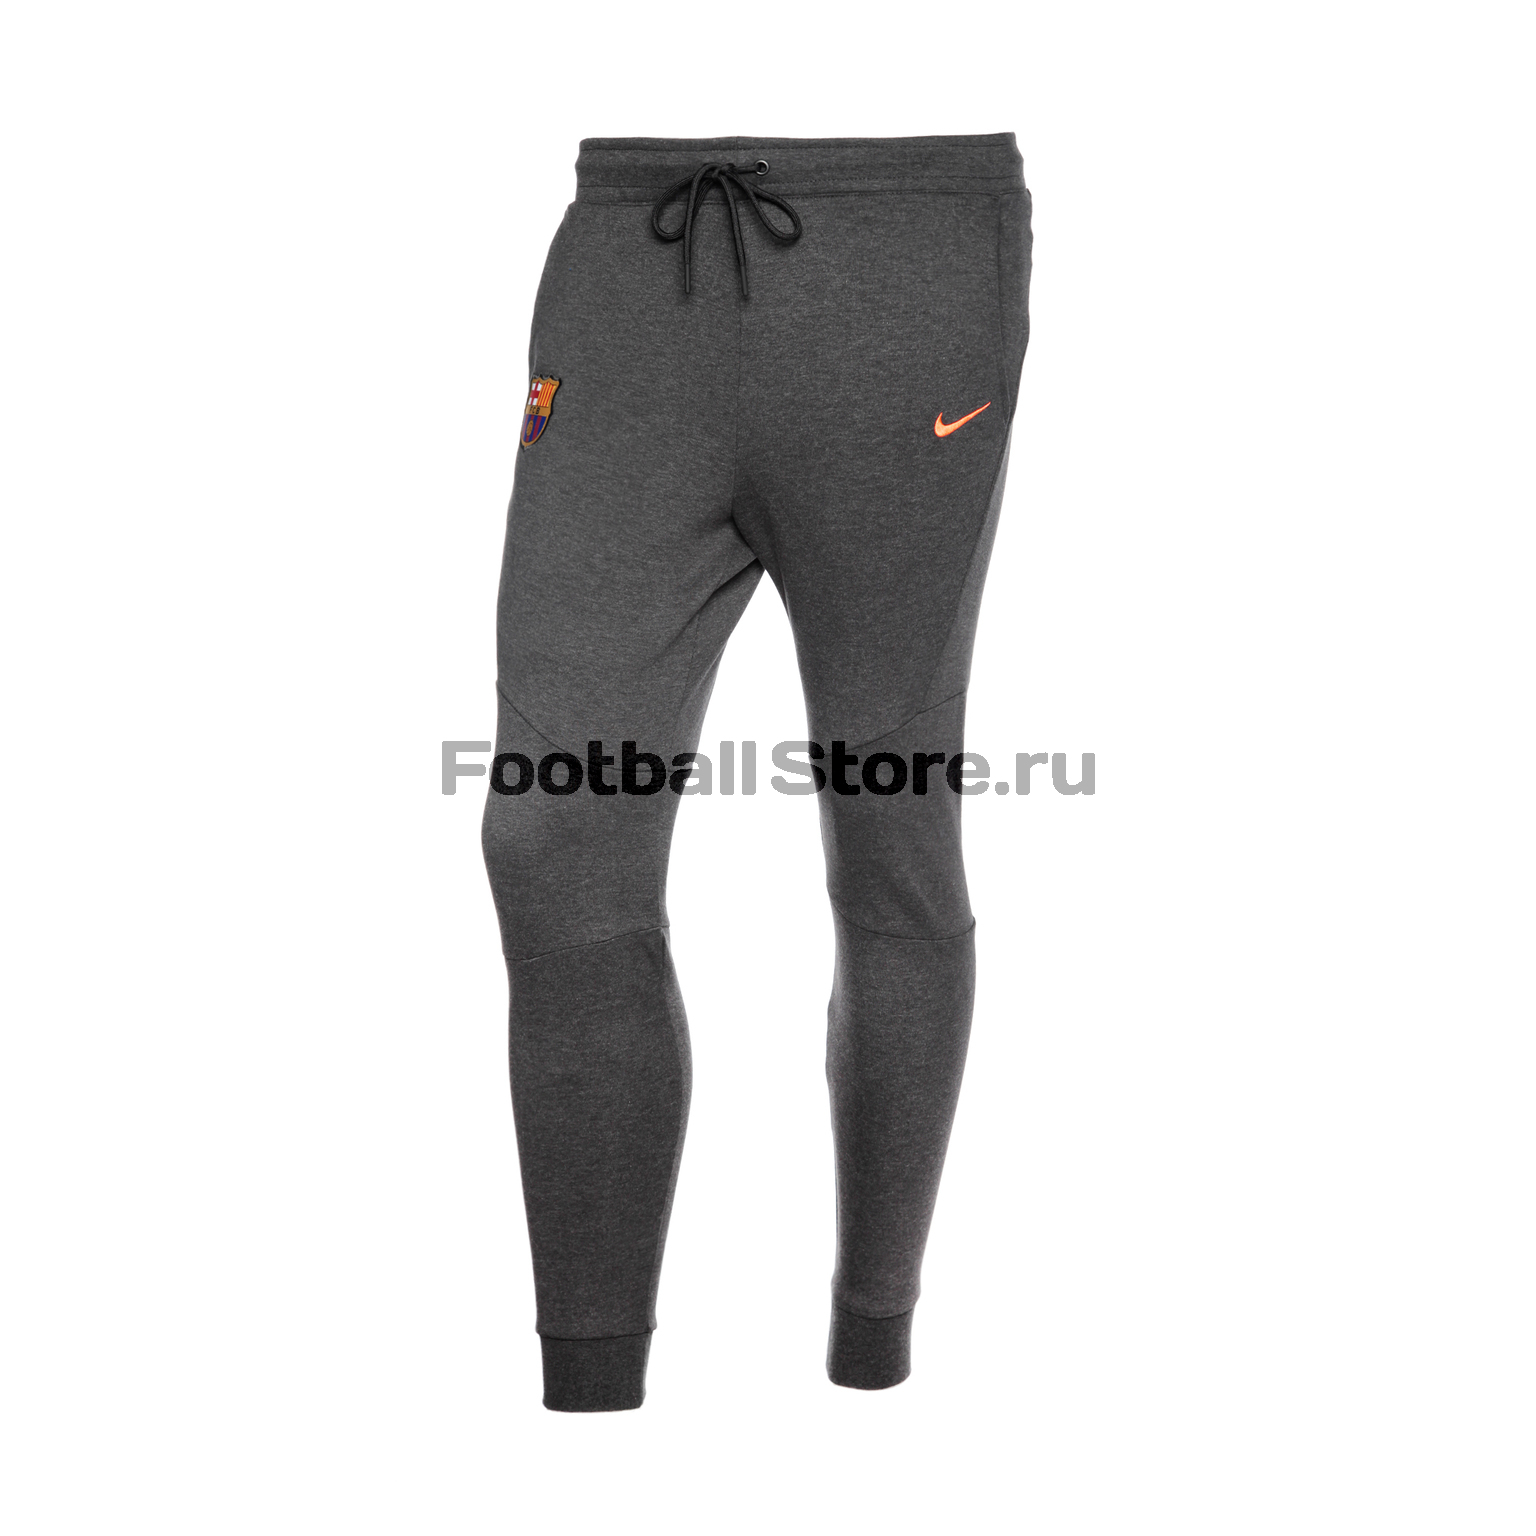 Брюки тренировочные Nike Barcelona AA1935-036 barcelona nike брюки тренировочные nike barcelona aa1935 036